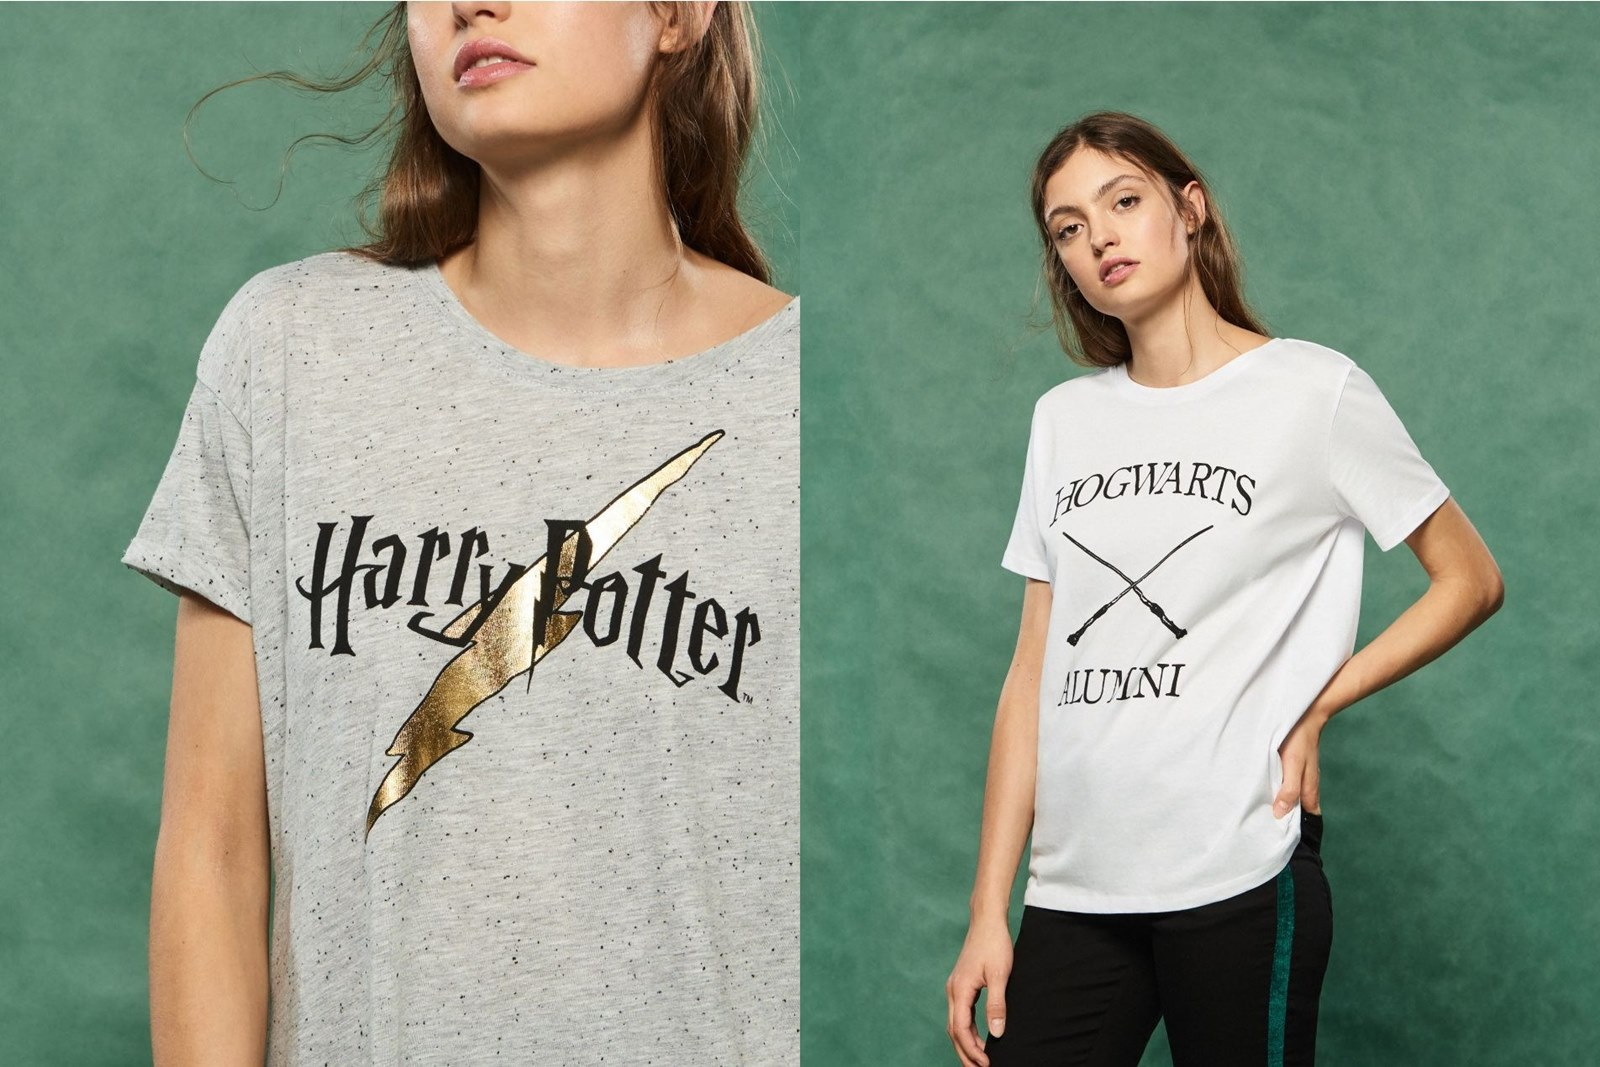 Gdzie kupić ubrania z Harrego Pottera? Sklep z harry potter, harry potter, harry potter colection, ubrania arry potter, bluza harry potter, tshirt harry potter, plecak harry potter, sinsay, house, cropp, fesswybitnie